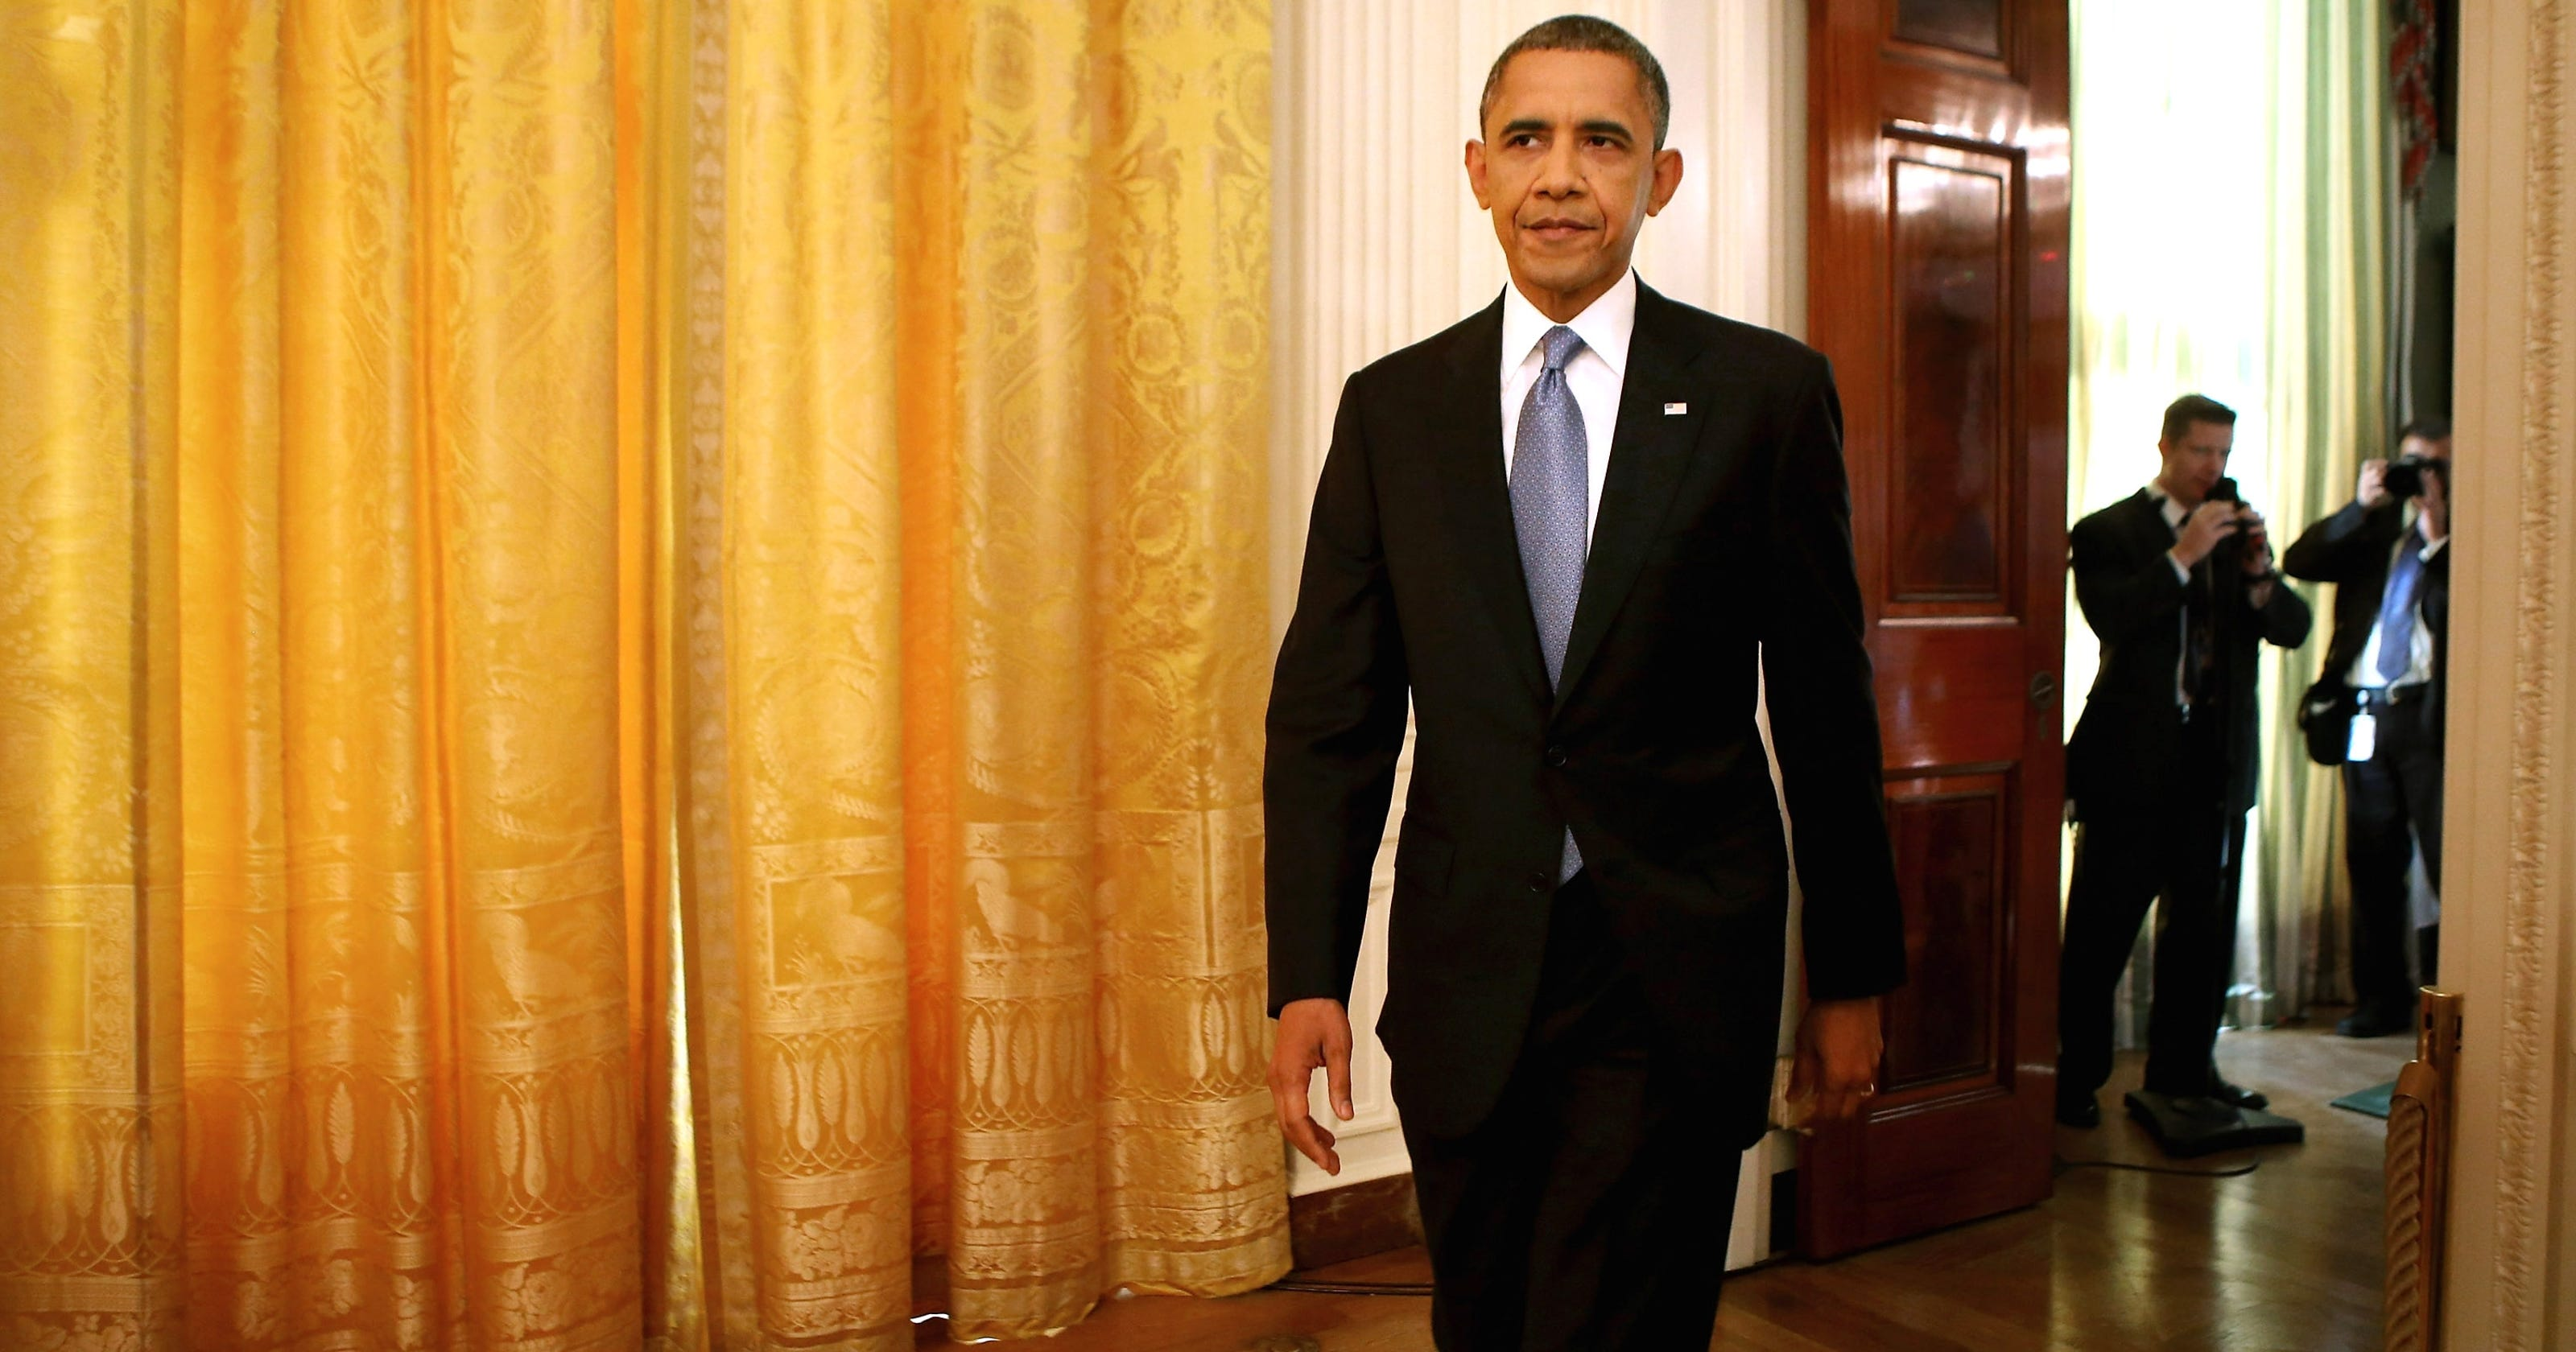 Obama seeks volunteer help on 'fiscal cliff'